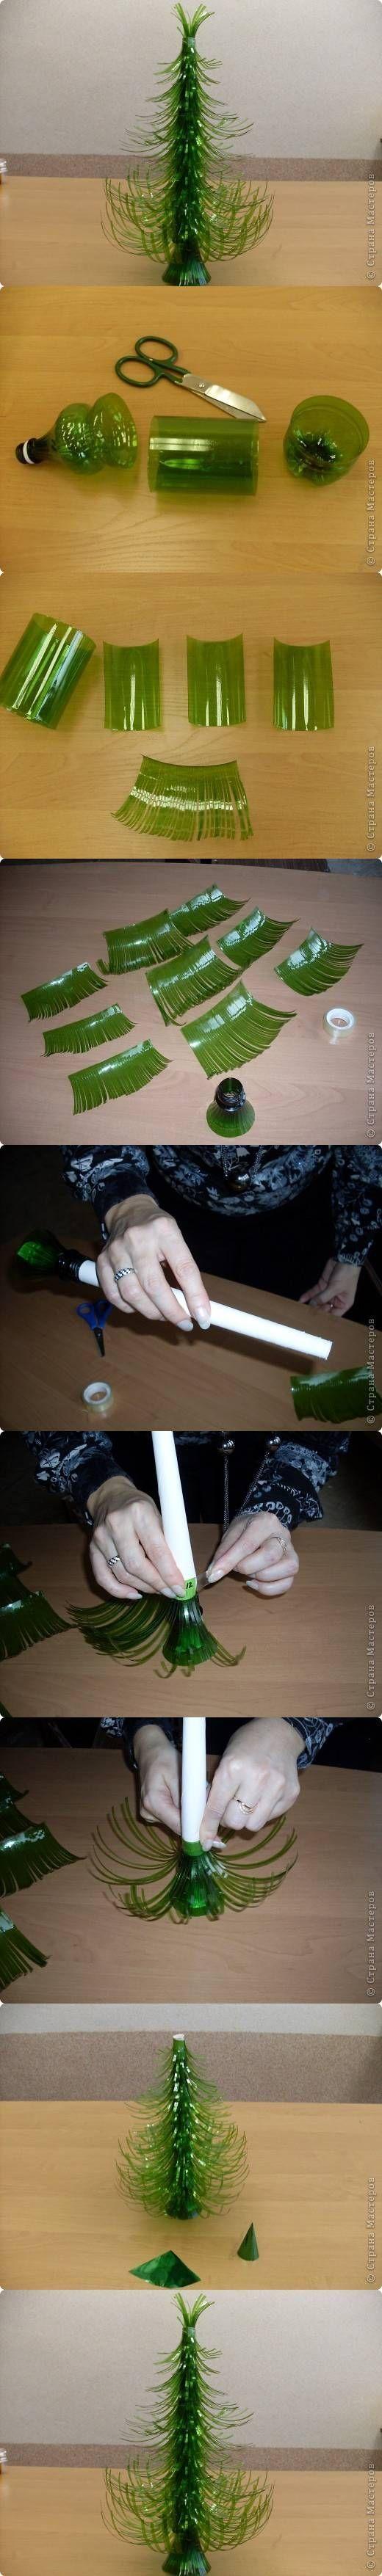 Reciclando botellas plasticas